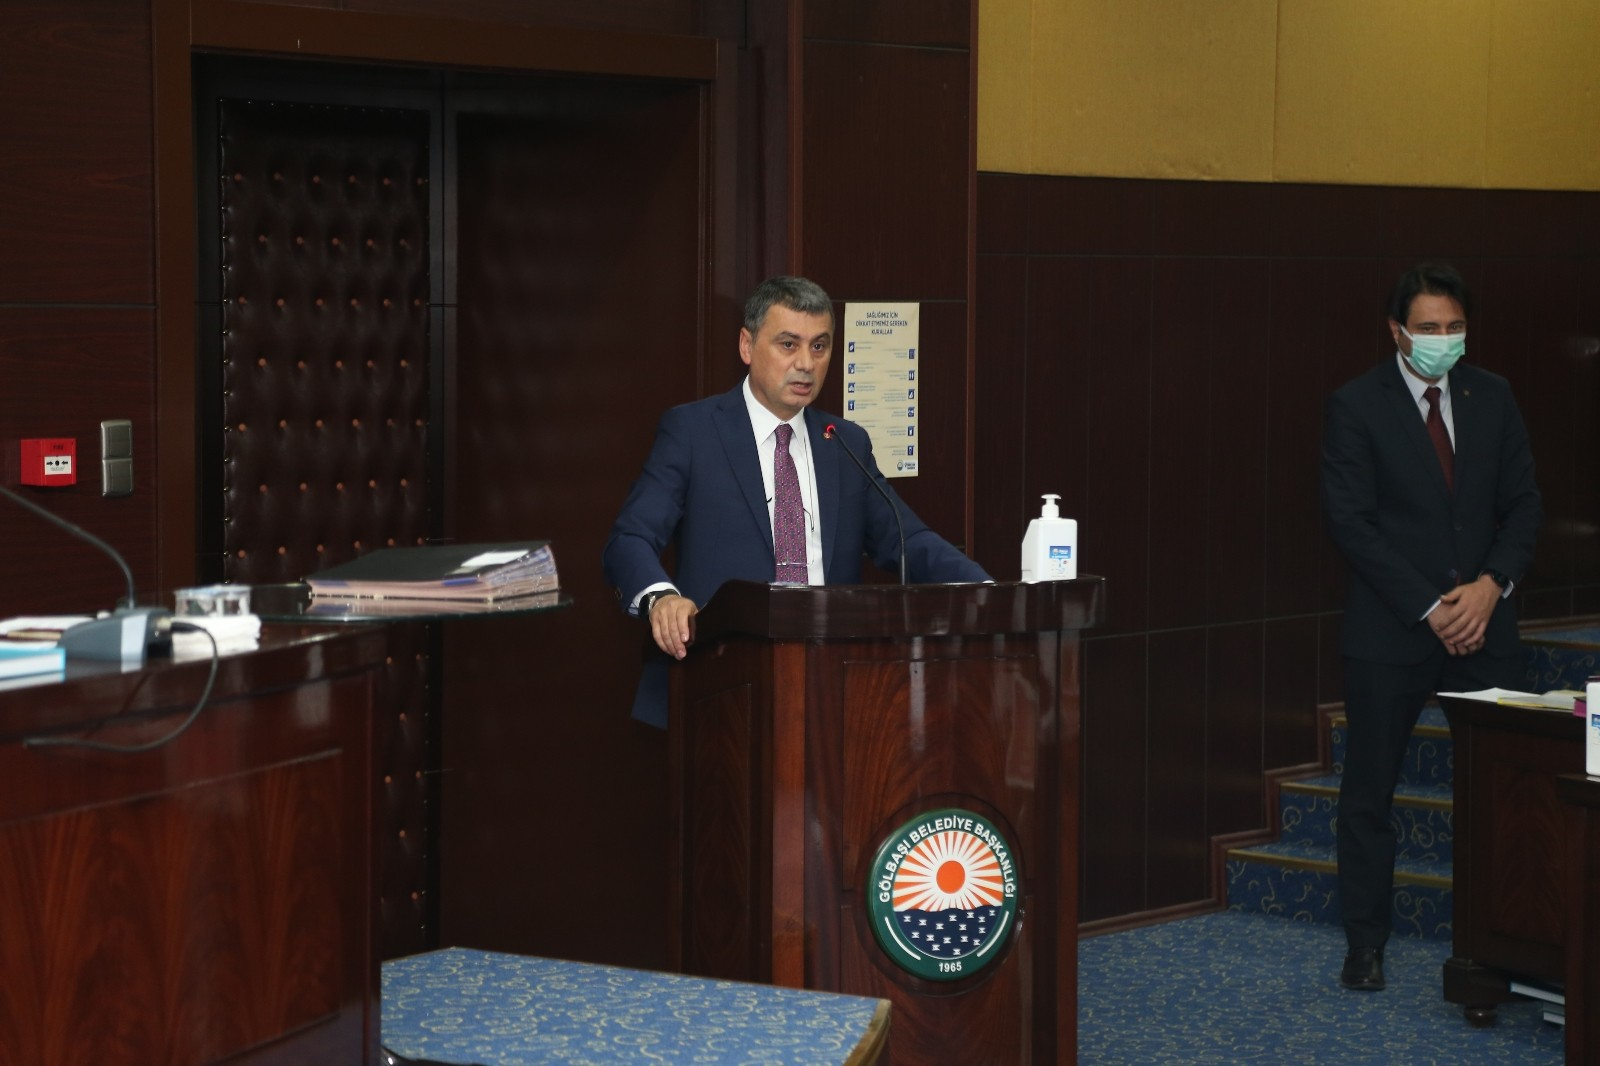 Gölbaşı Belediye Başkanı, müjdeyi verdi: Tulumtaş Mağarası turizme açılıyor